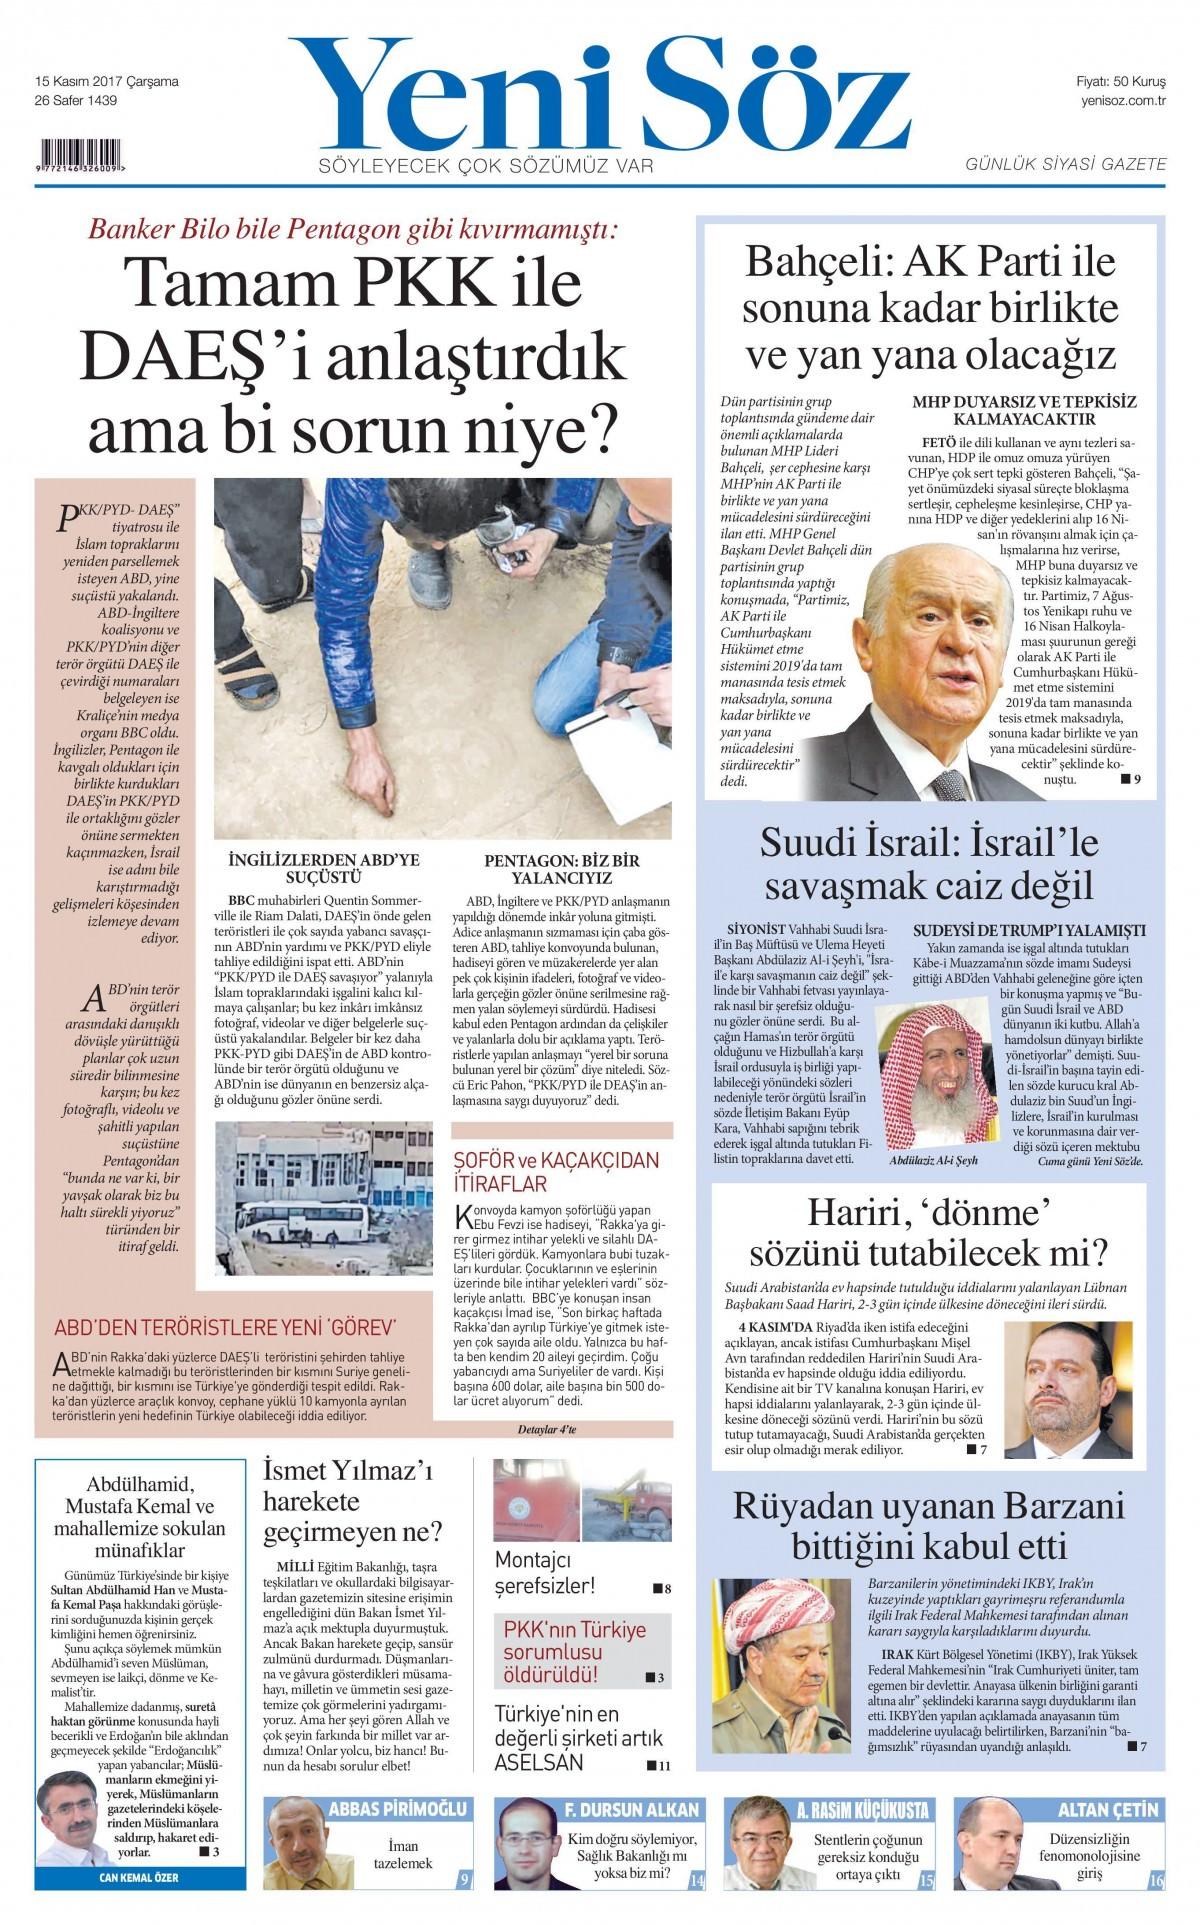 Günün gazete manşetleri (15 Kasım 2017) 20